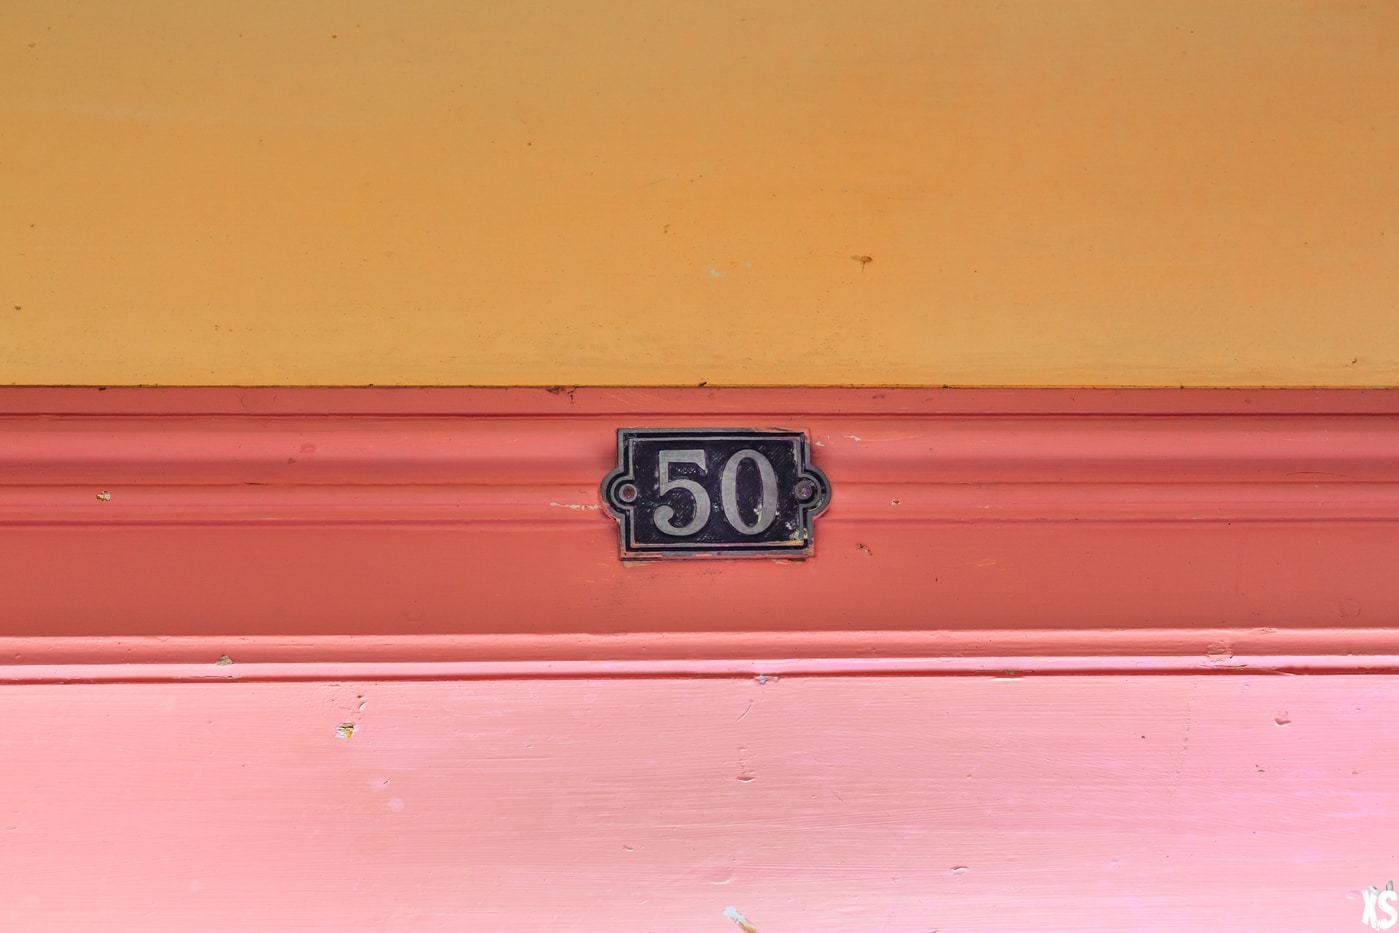 Hôtel abandonné en Autriche | urbexsession.com/hotel-susanna-cox | Urbex Autriche